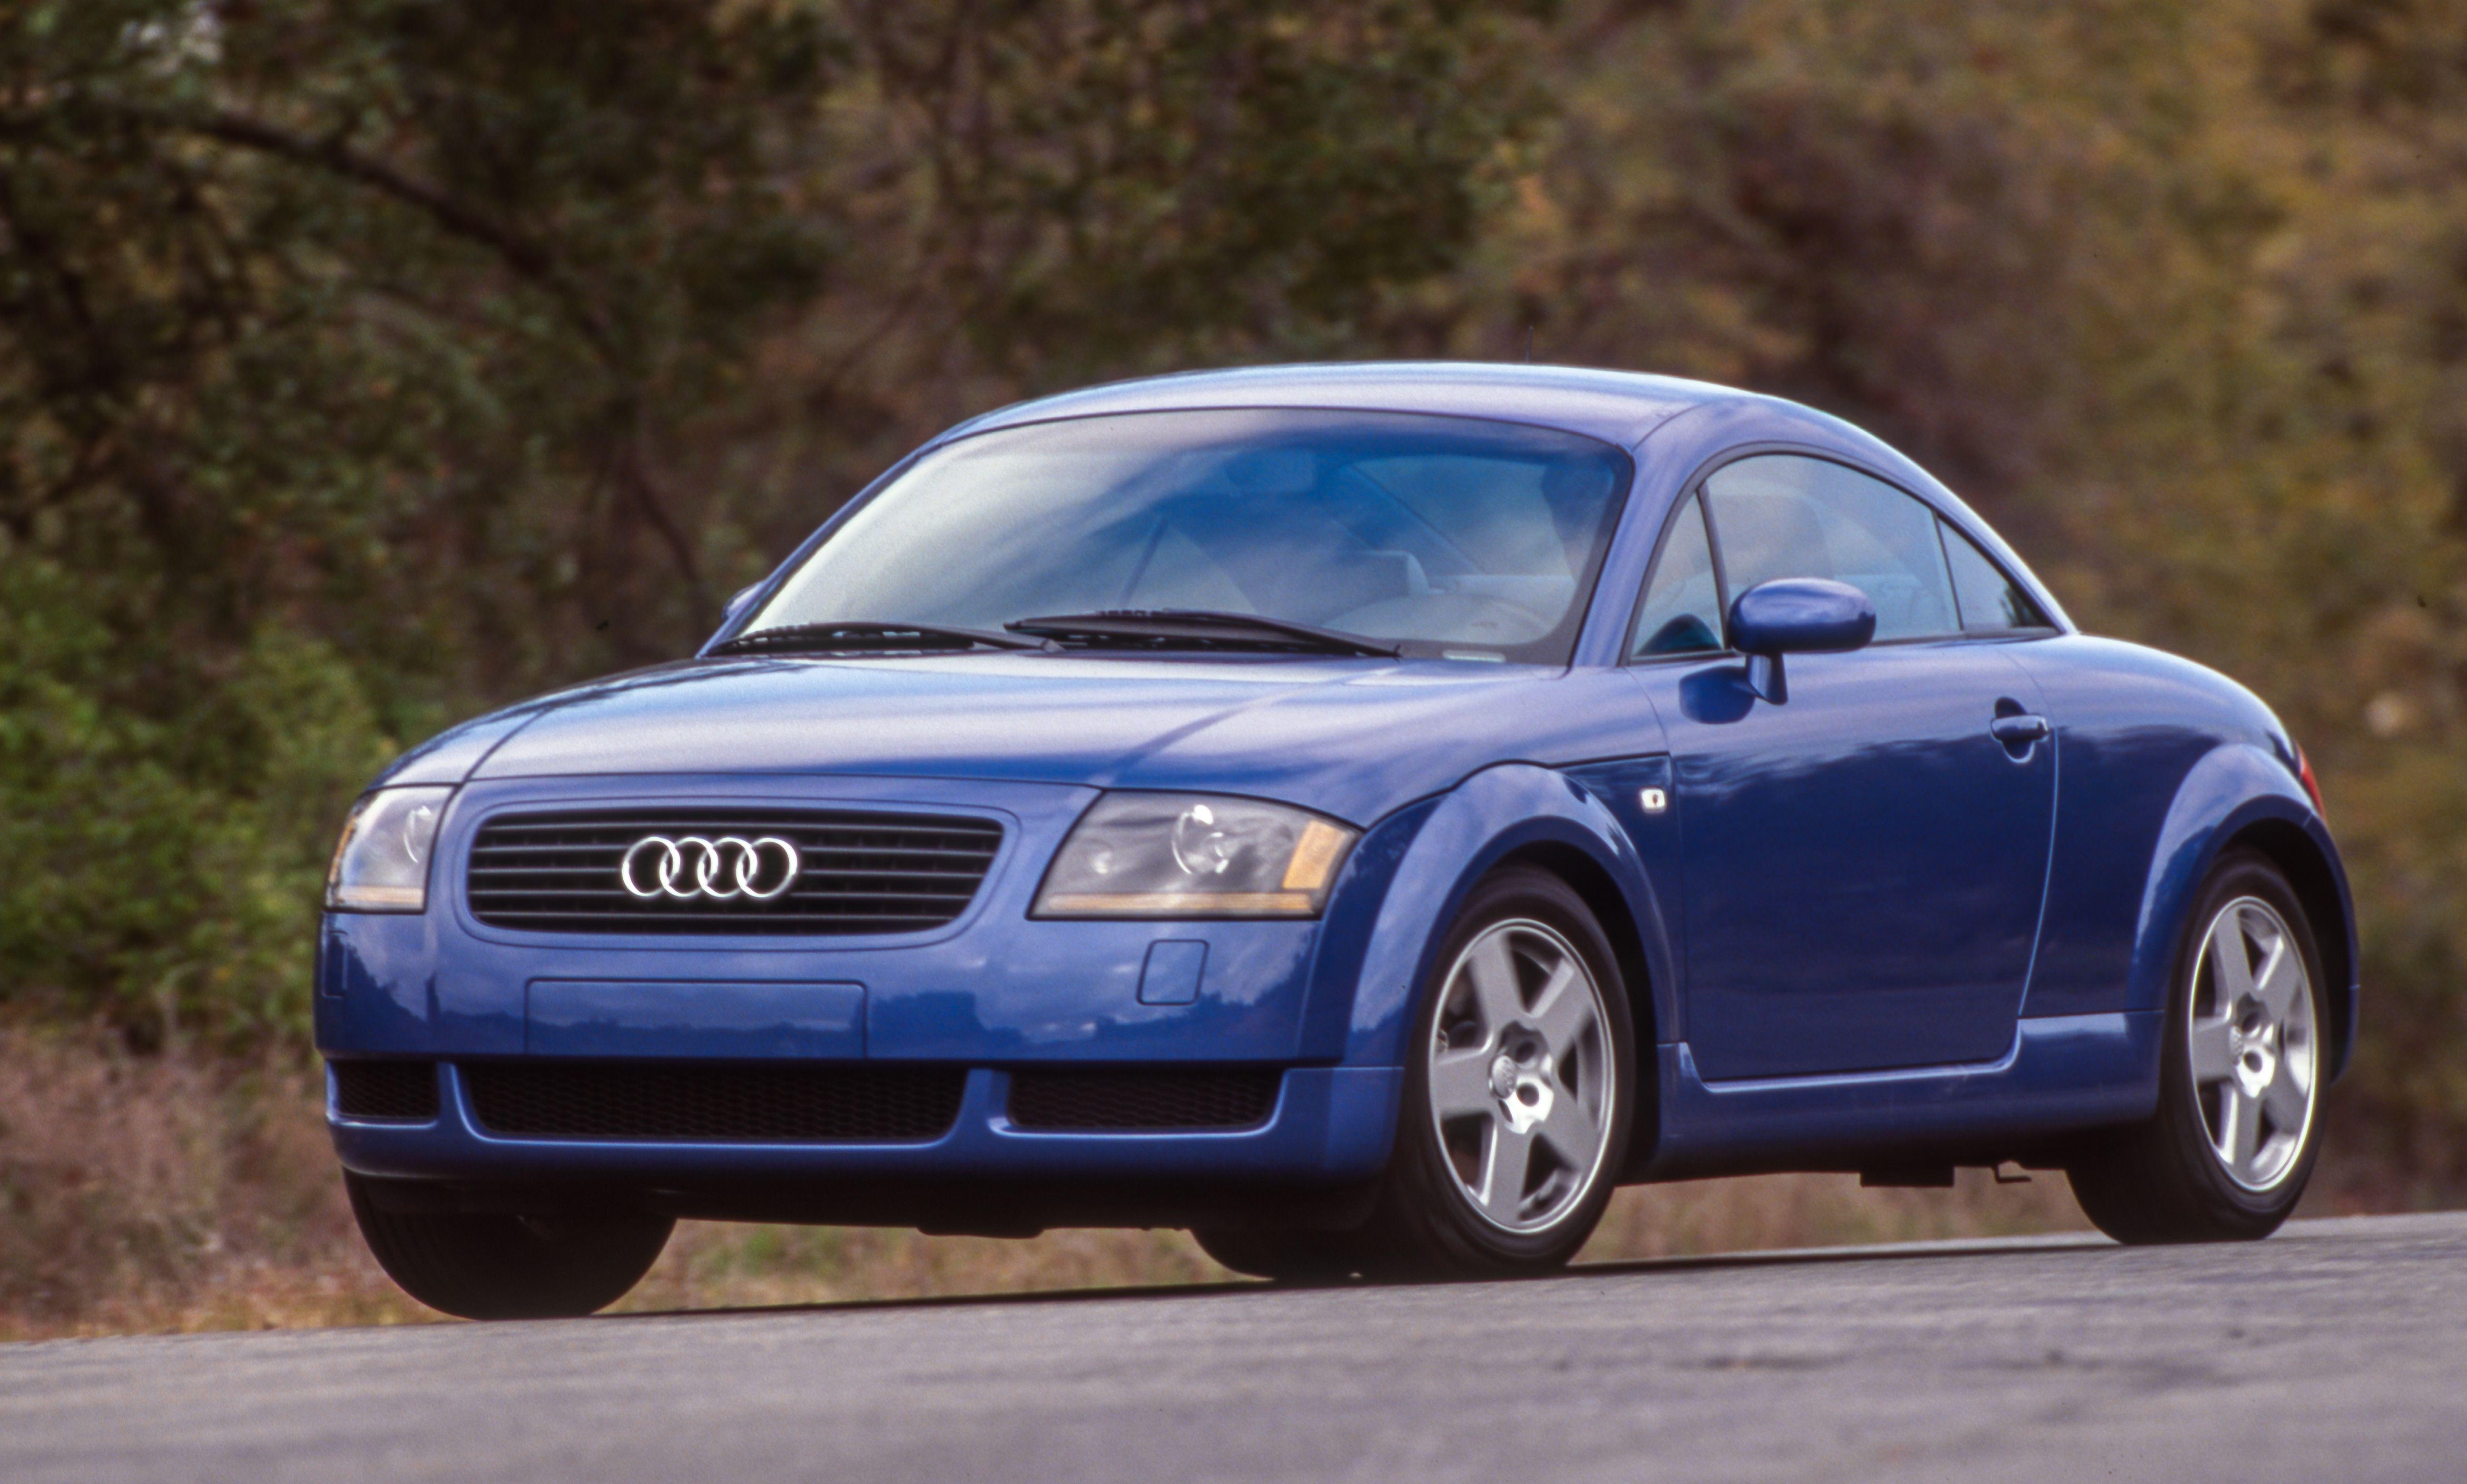 Kekurangan Audi Tt 2000 Harga